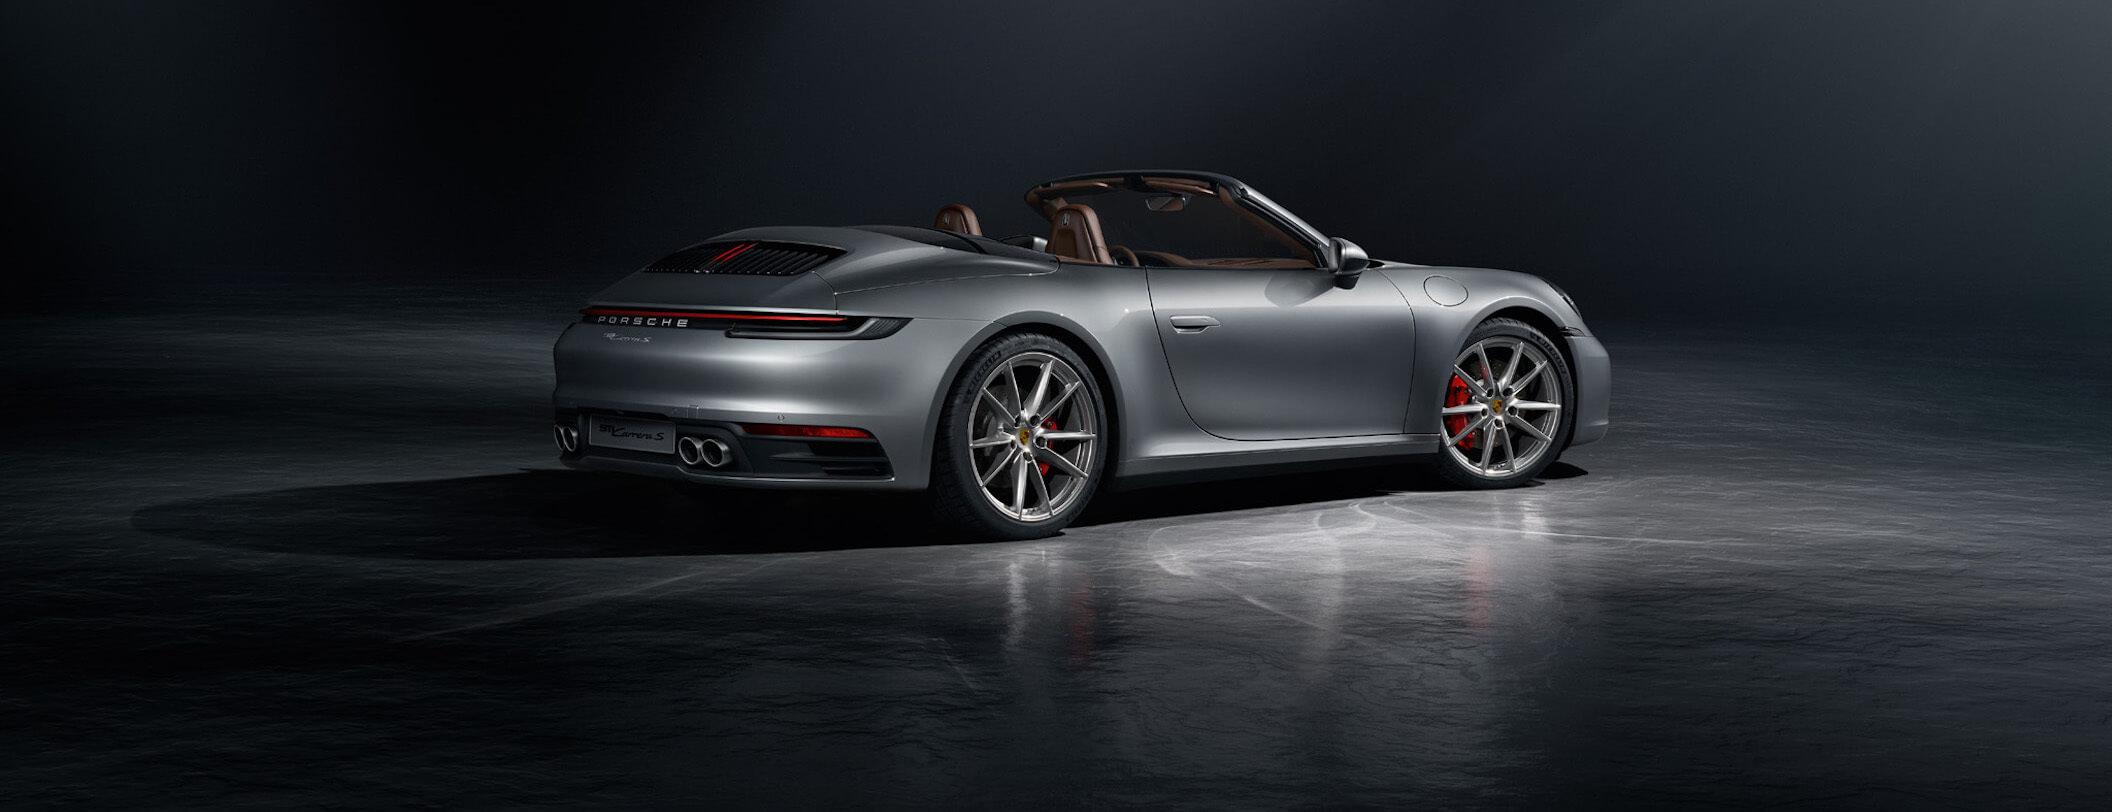 La nuova 911 Cabriolet.